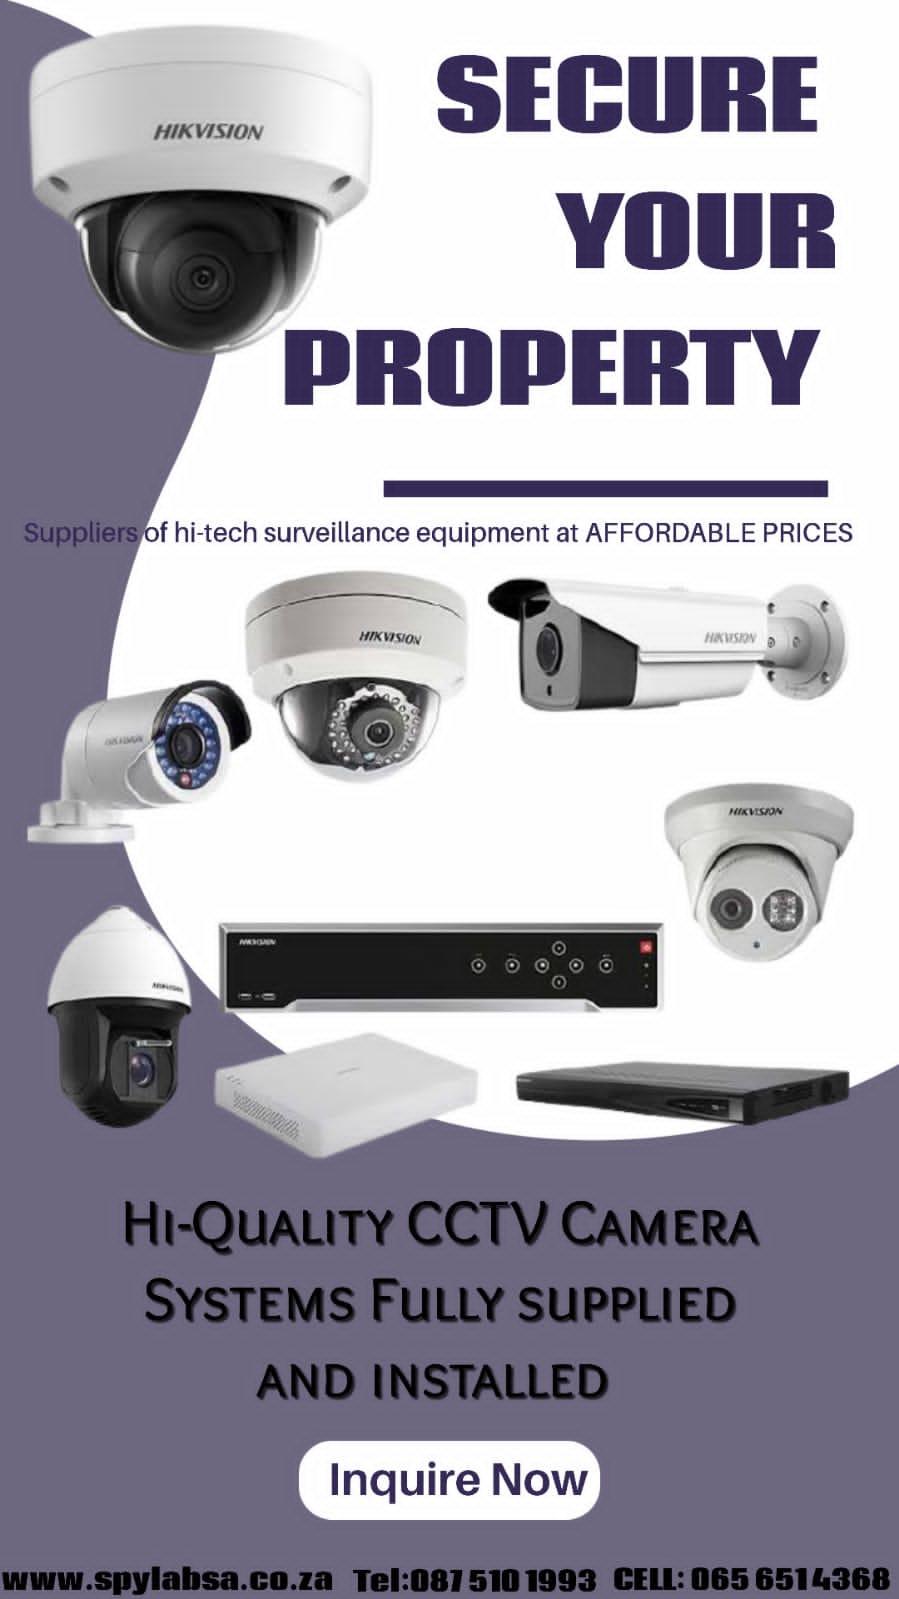 CCTV Cameras full installed